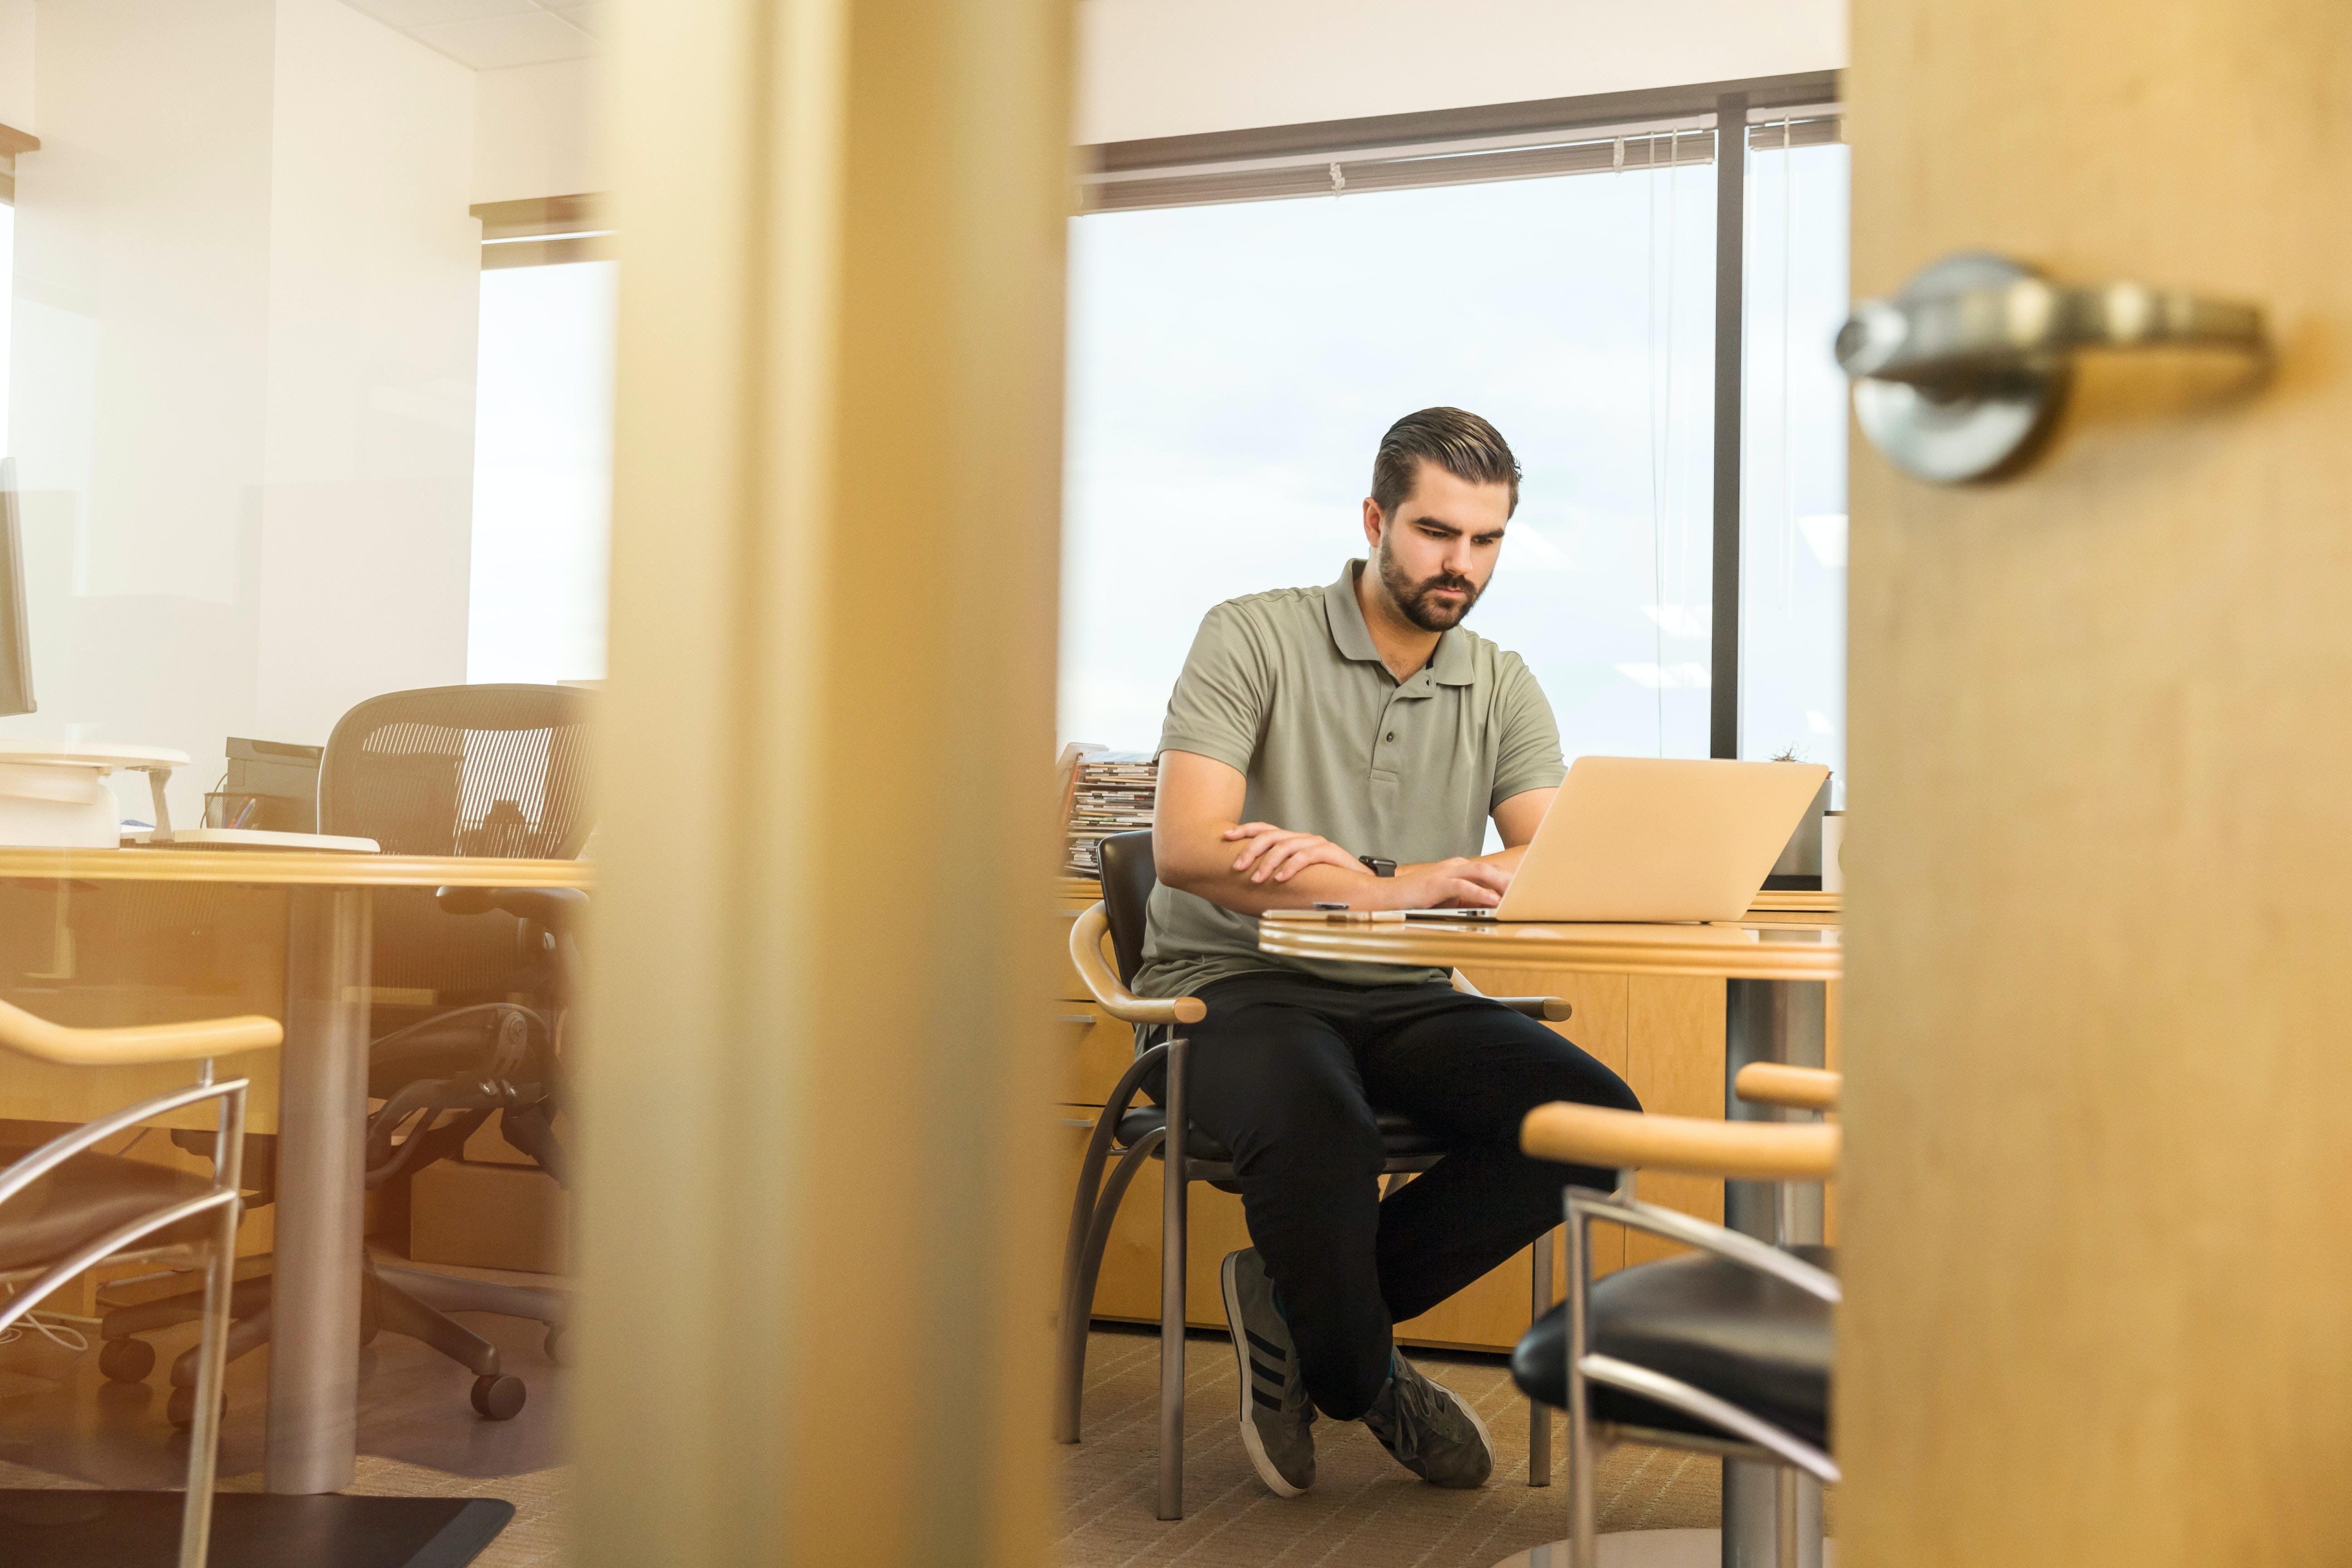 man sitting near desk